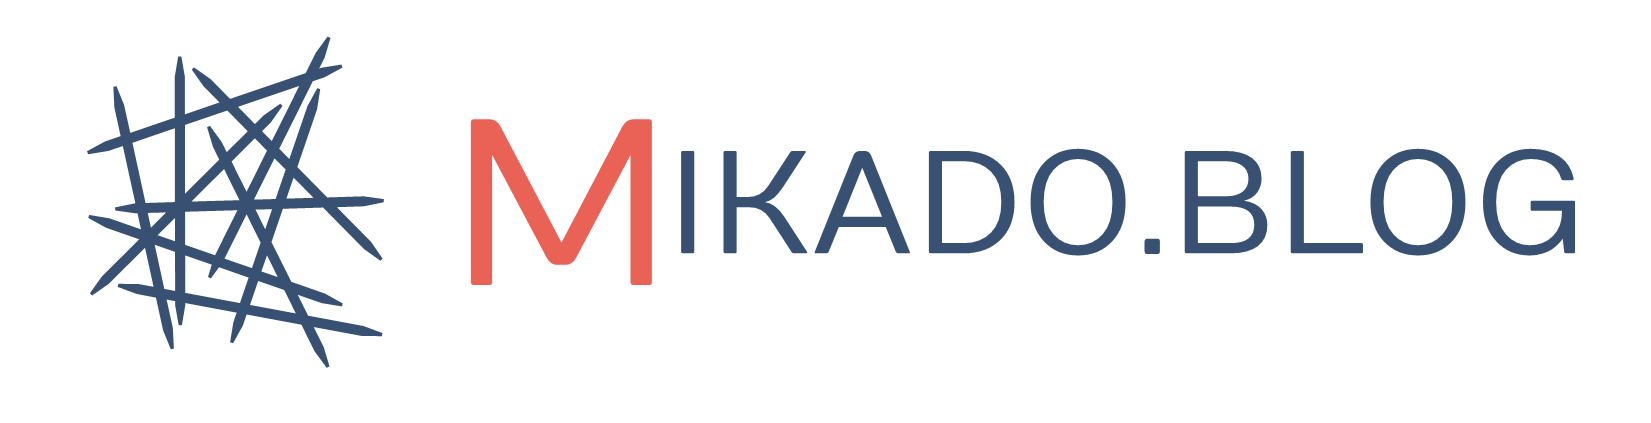 Mikado blog